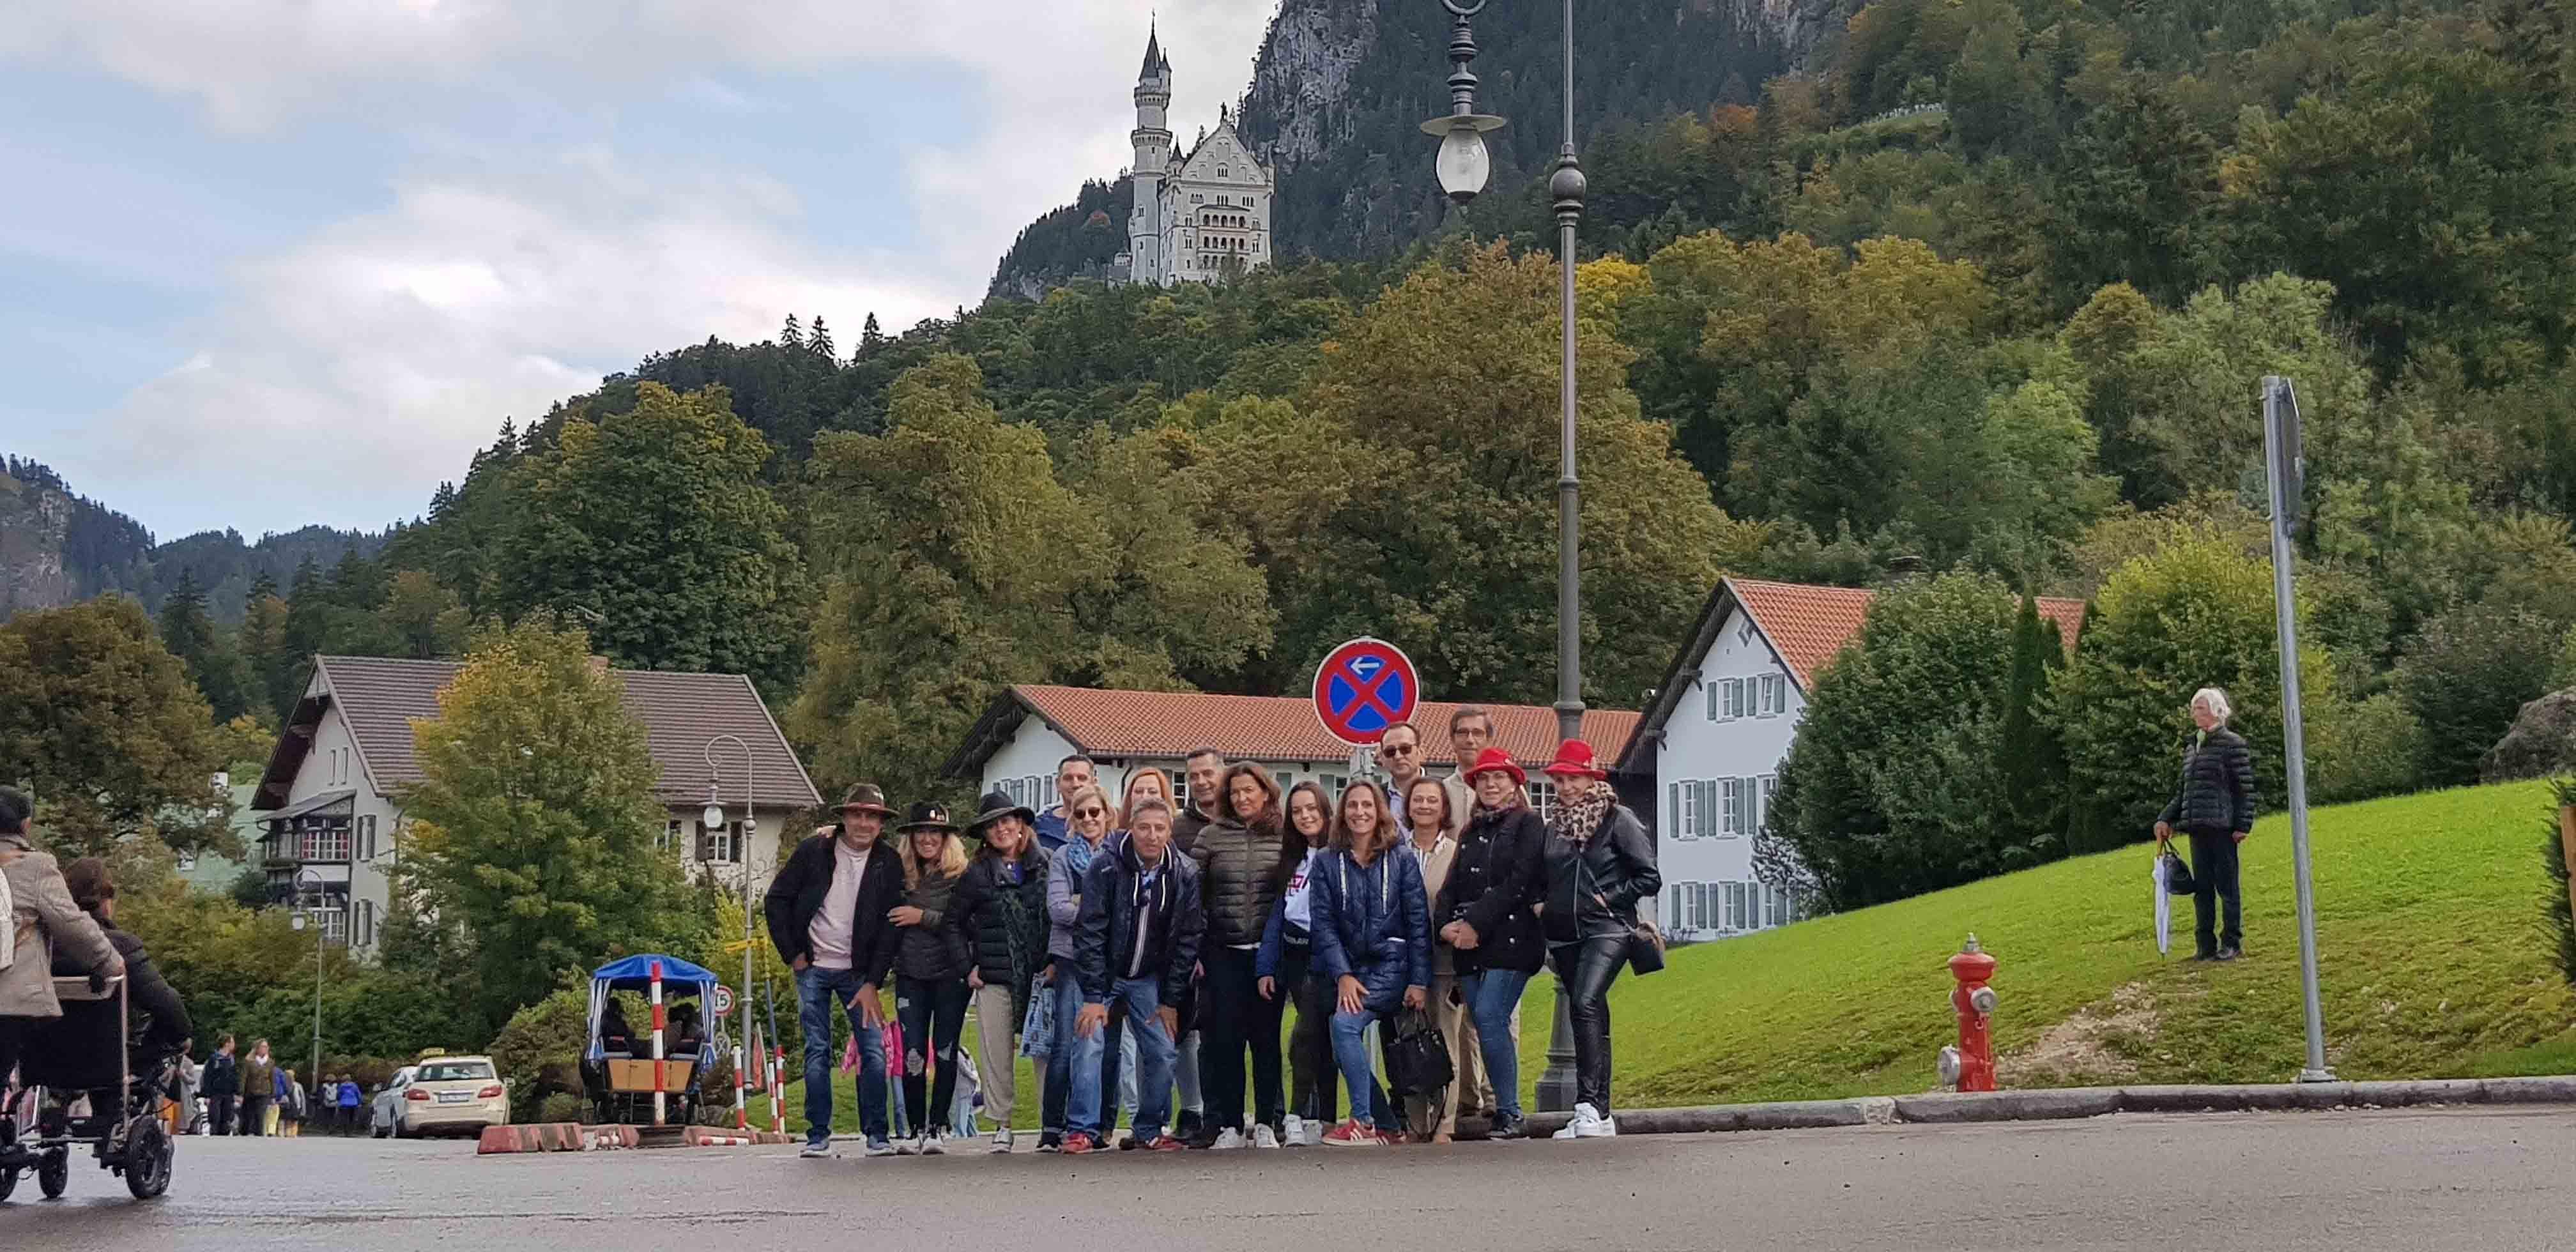 La 'familia Cione' disfruta de una experiencia inolvidable en el Oktoberfest